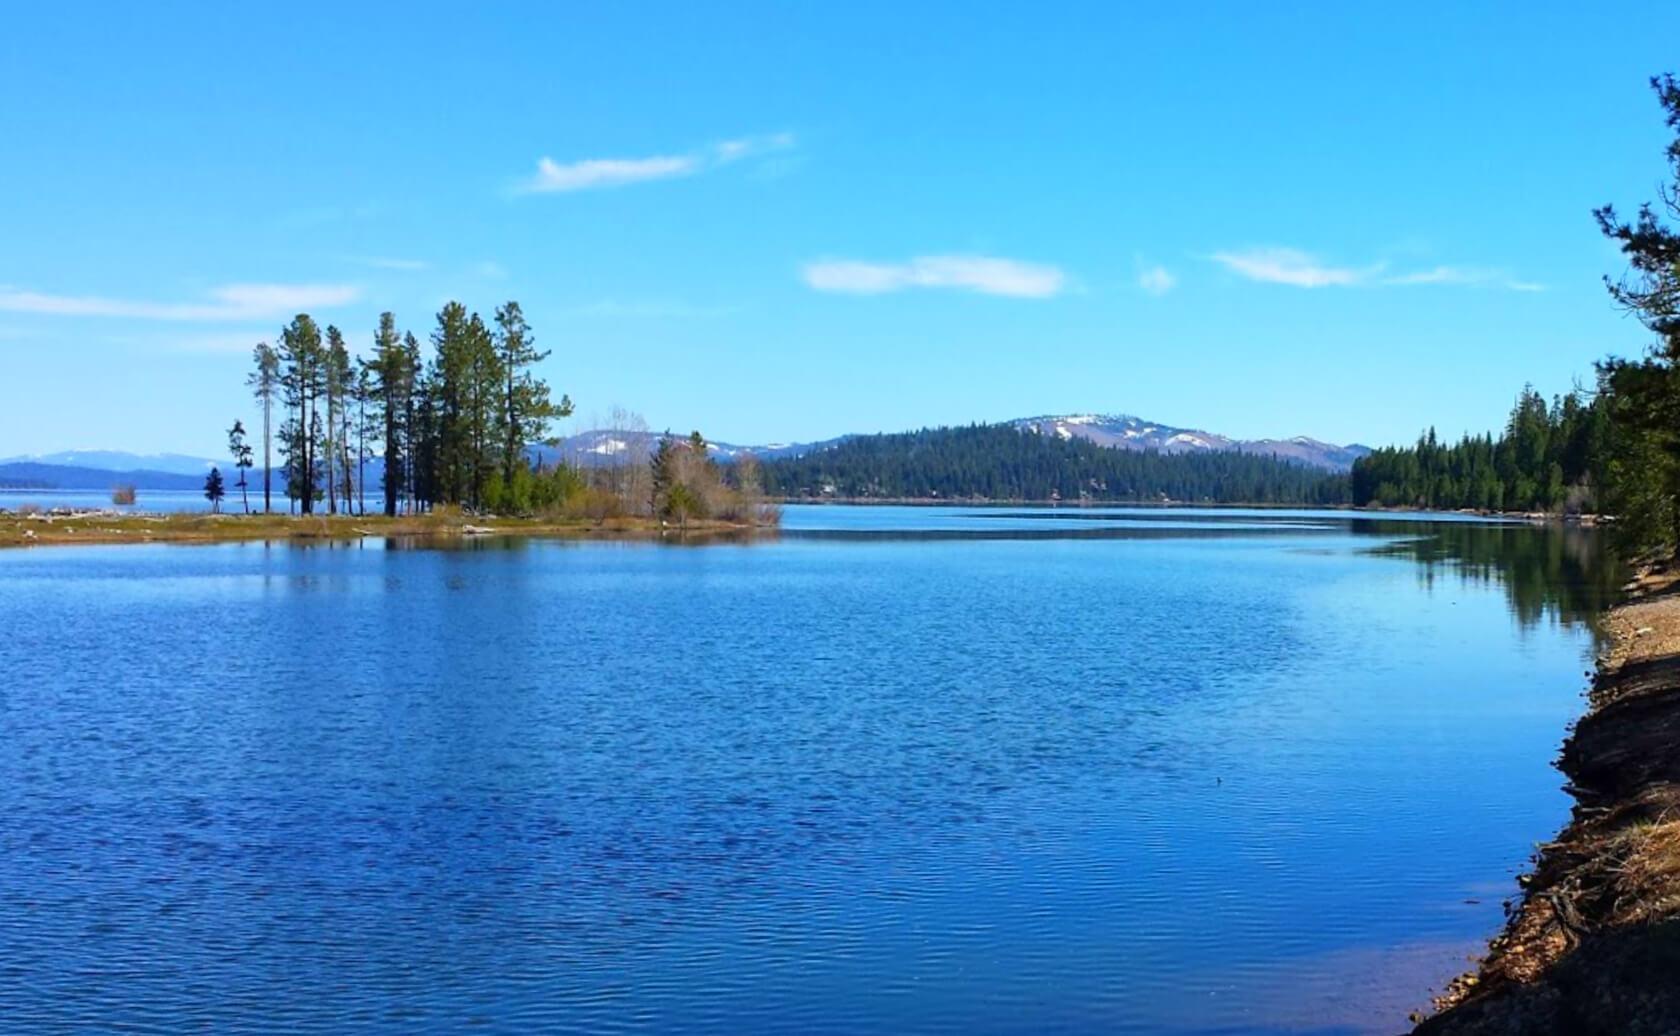 Almanor-Lake-Fishing-Guide-Report-California-01